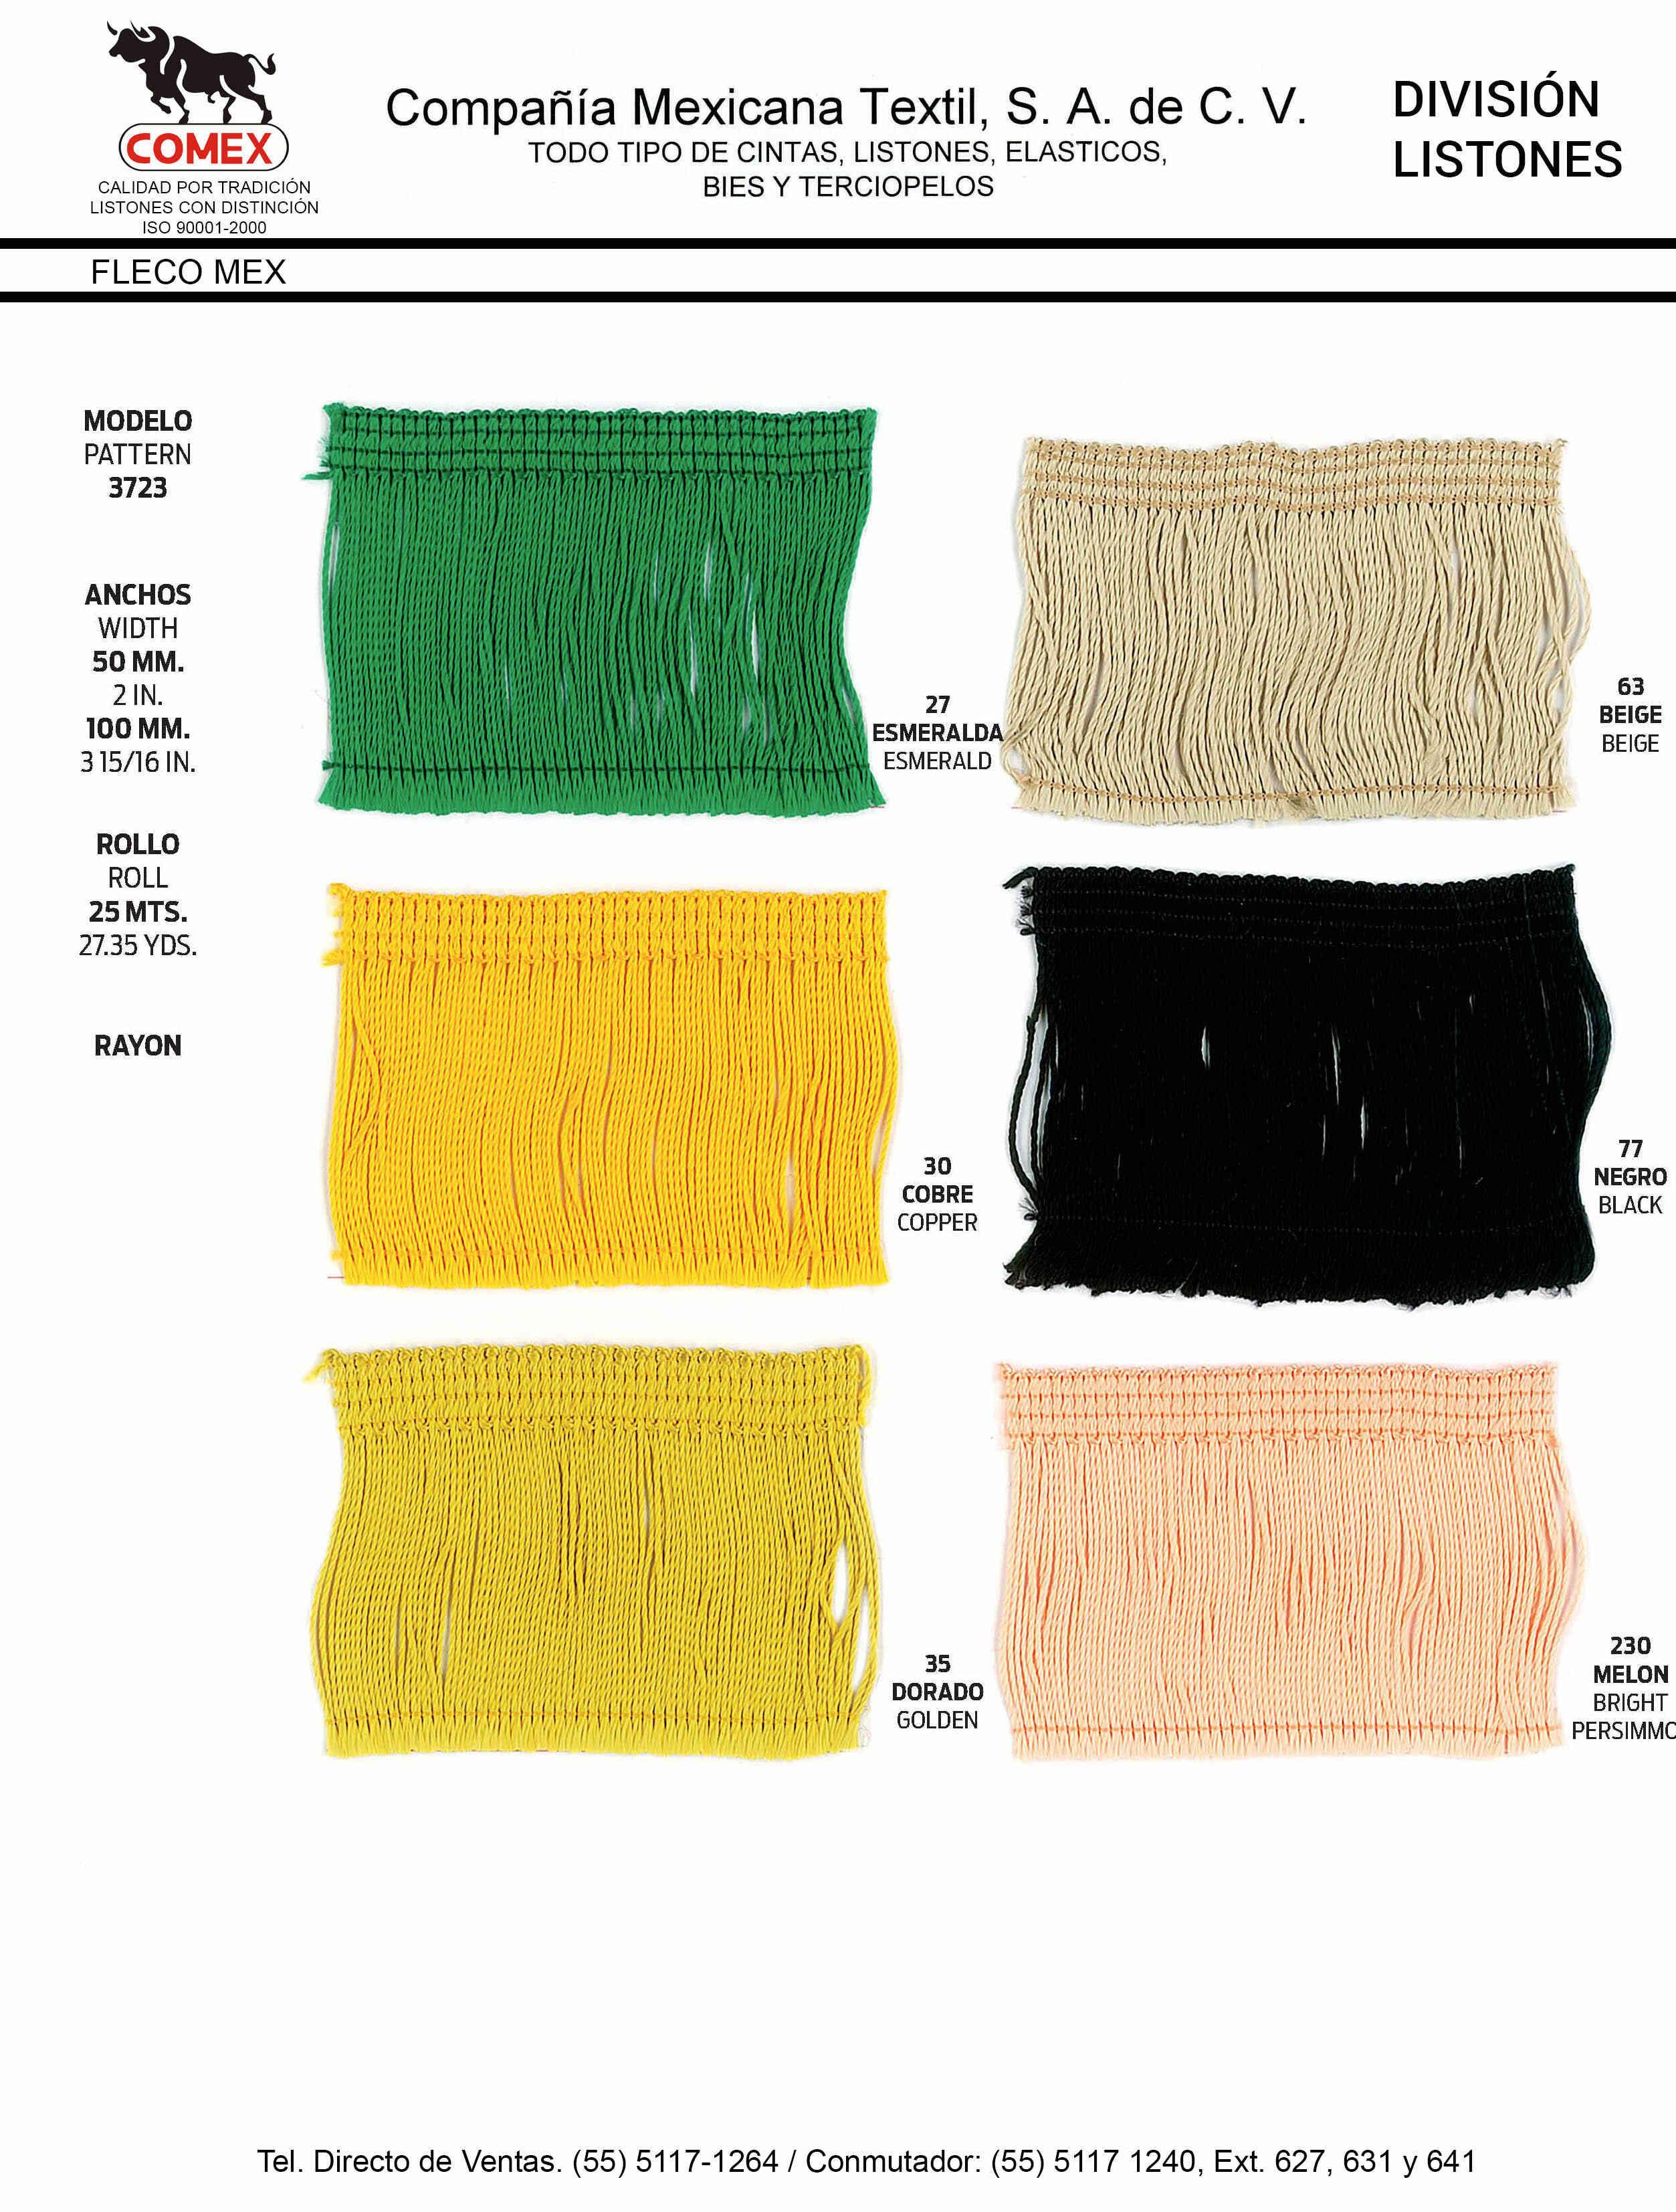 Anchos y Colores de Liston Mod.3723